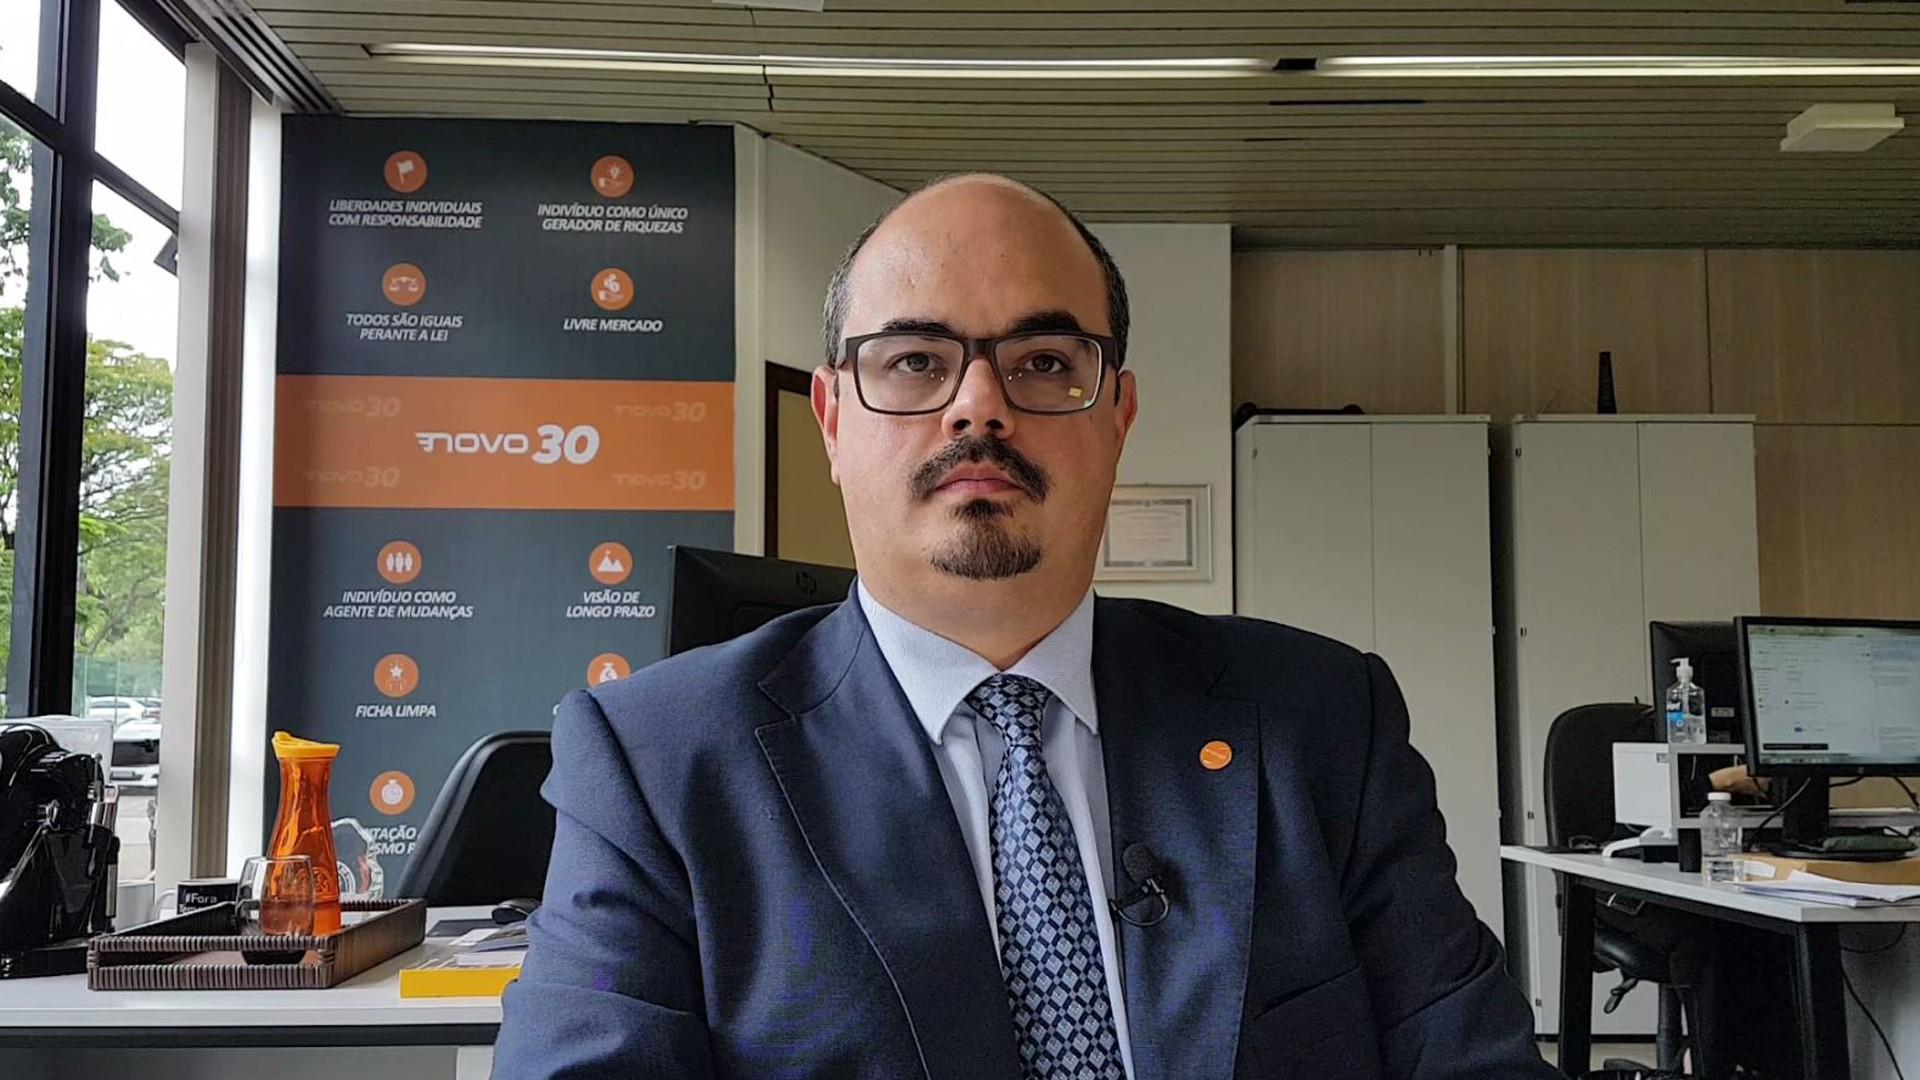 Mateus Simões é exonerado do cargo de secretário-geral do estado de Minas Gerais